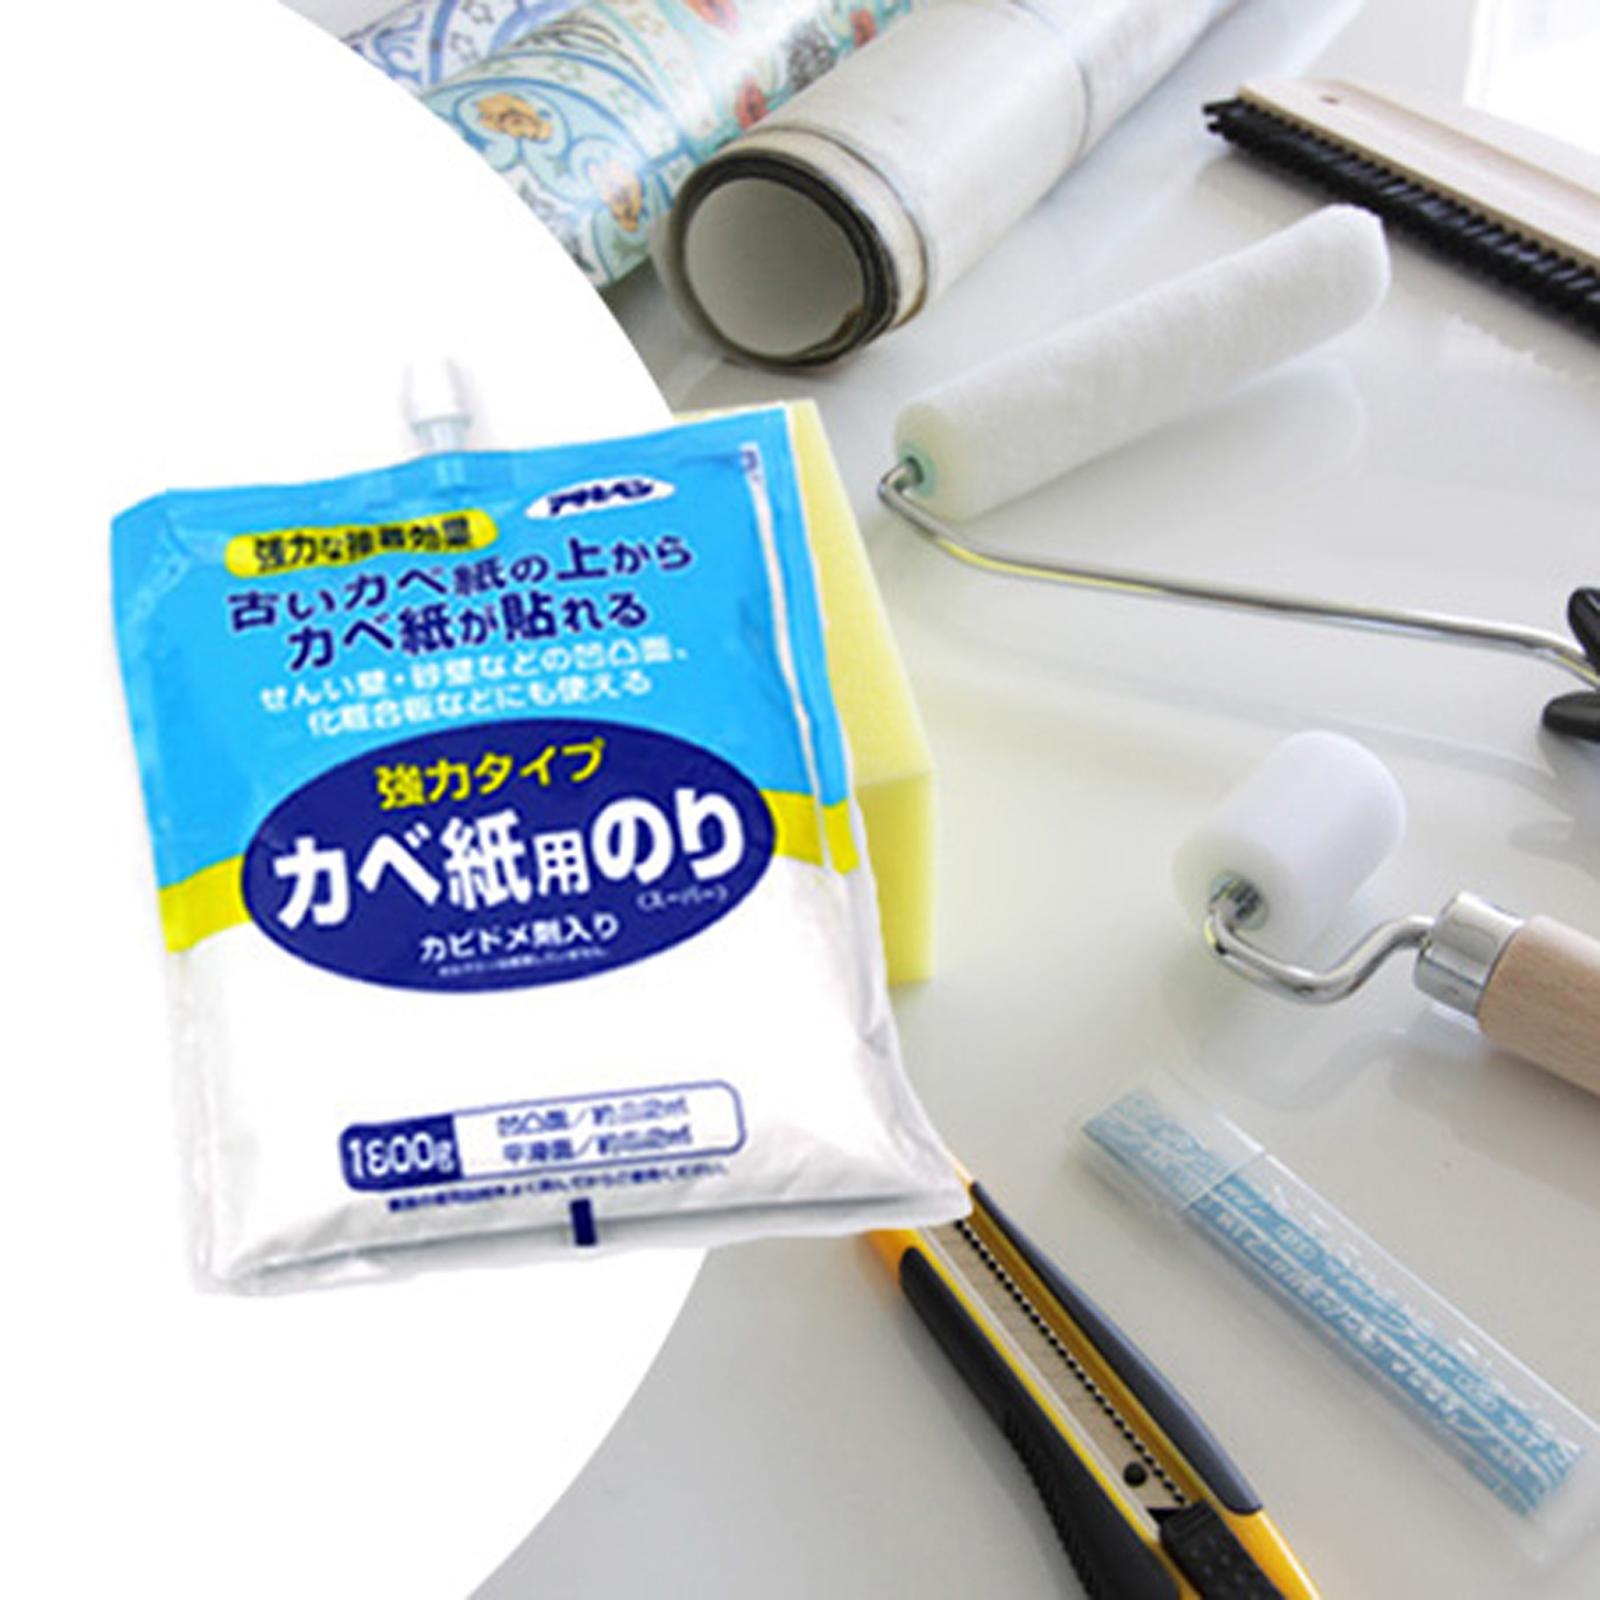 輸入壁紙 施工道具セット 強力タイプのり付きセット リノベーション Diy インテリア通販のtoolbox